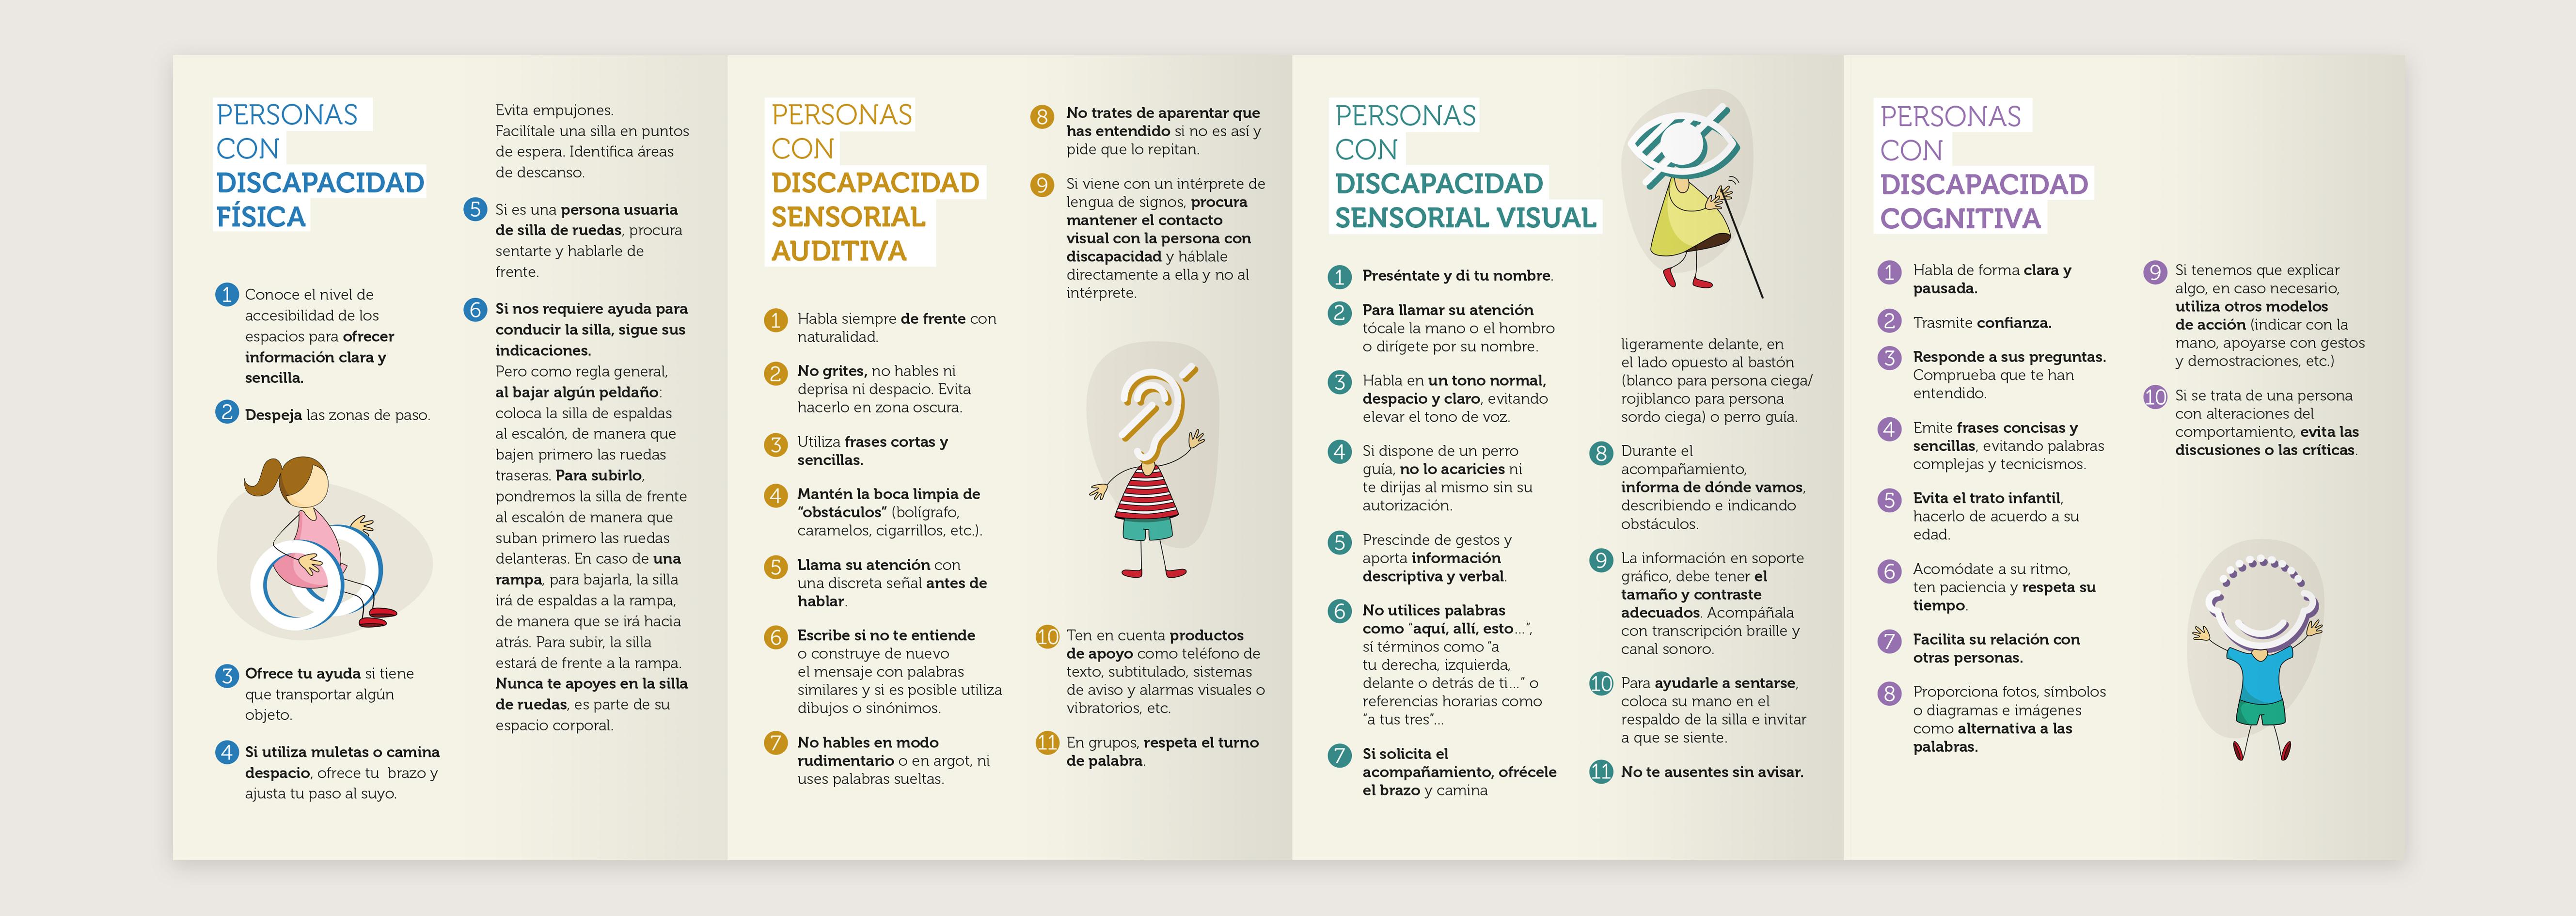 Diseño de folleto para personas con discapacidad